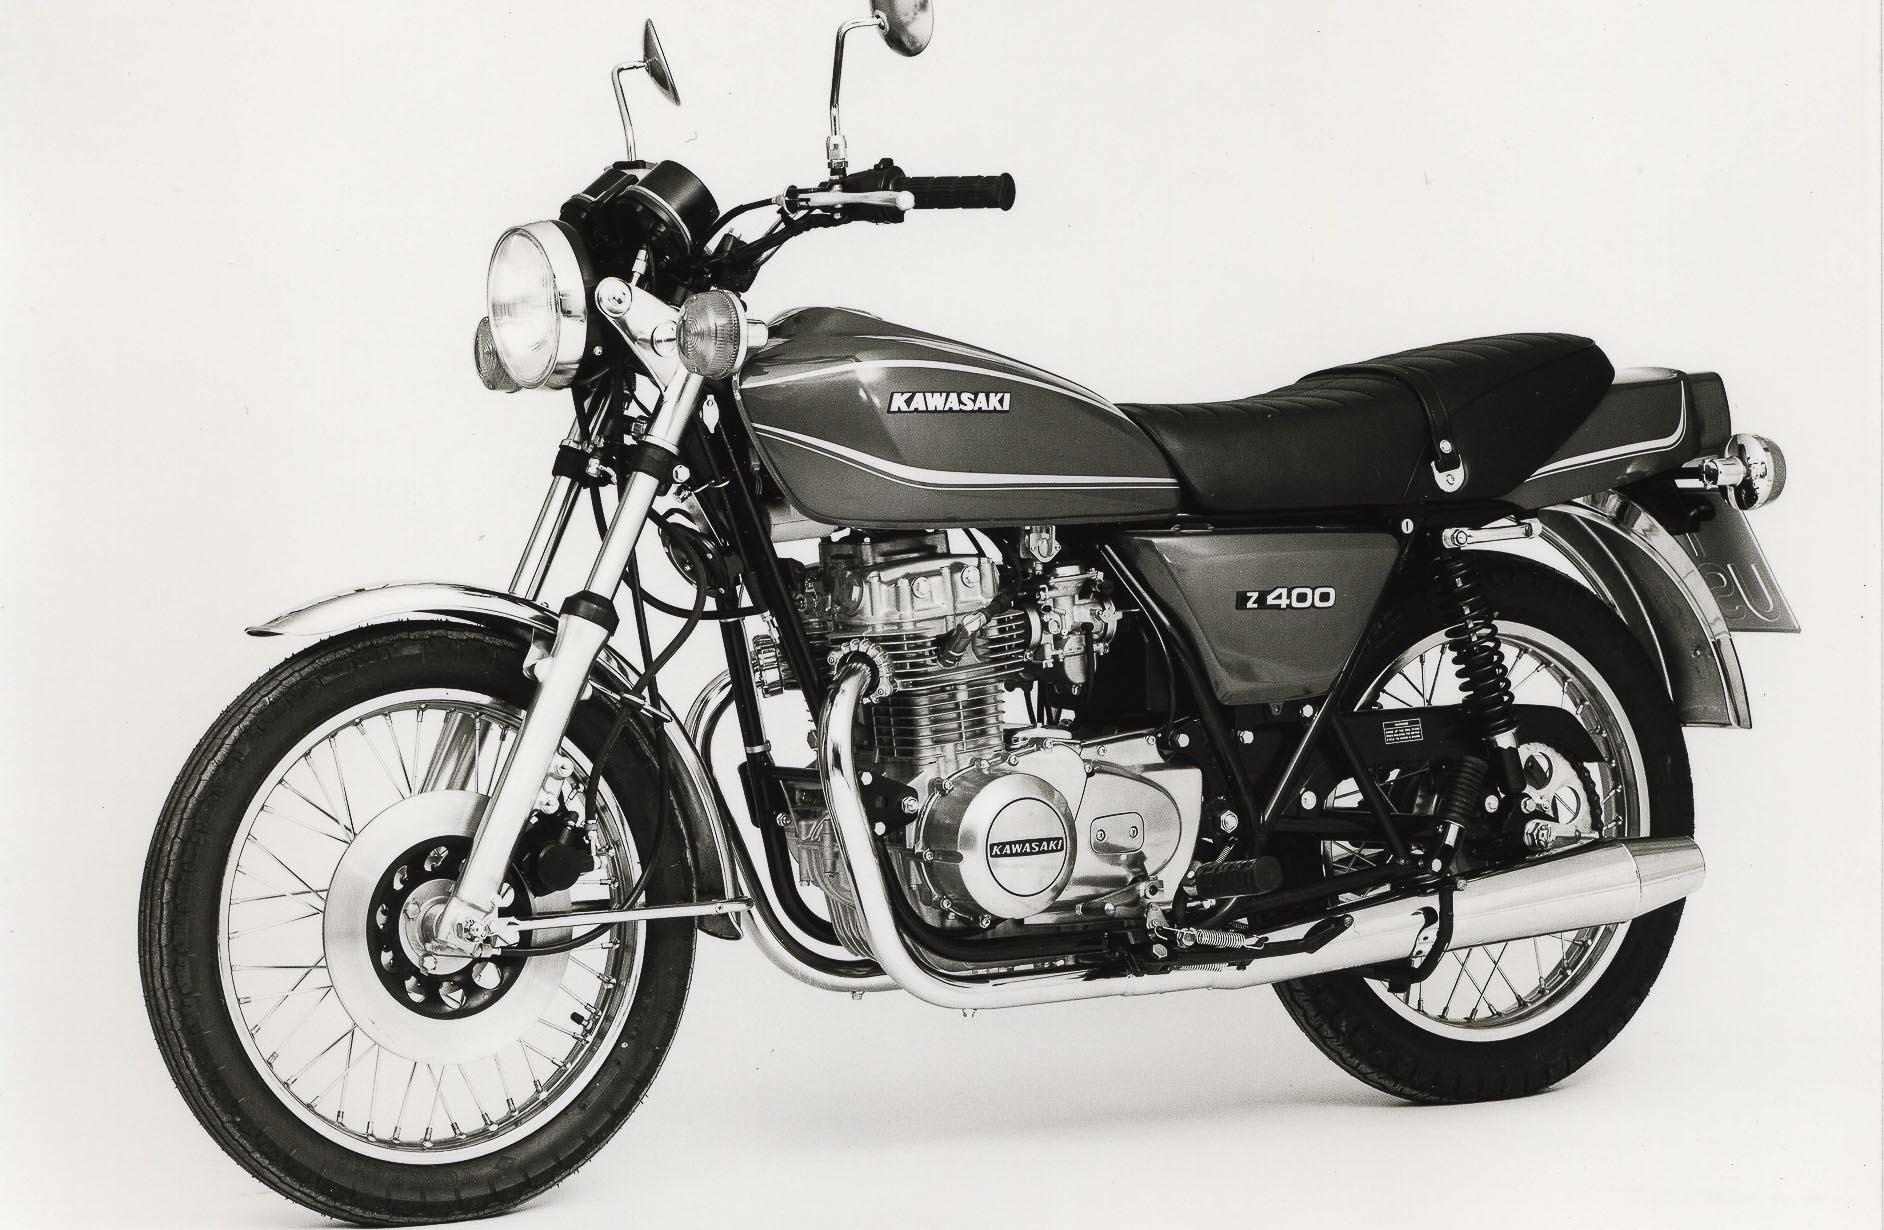 KAWASAKI Z 400 (1974-1979)